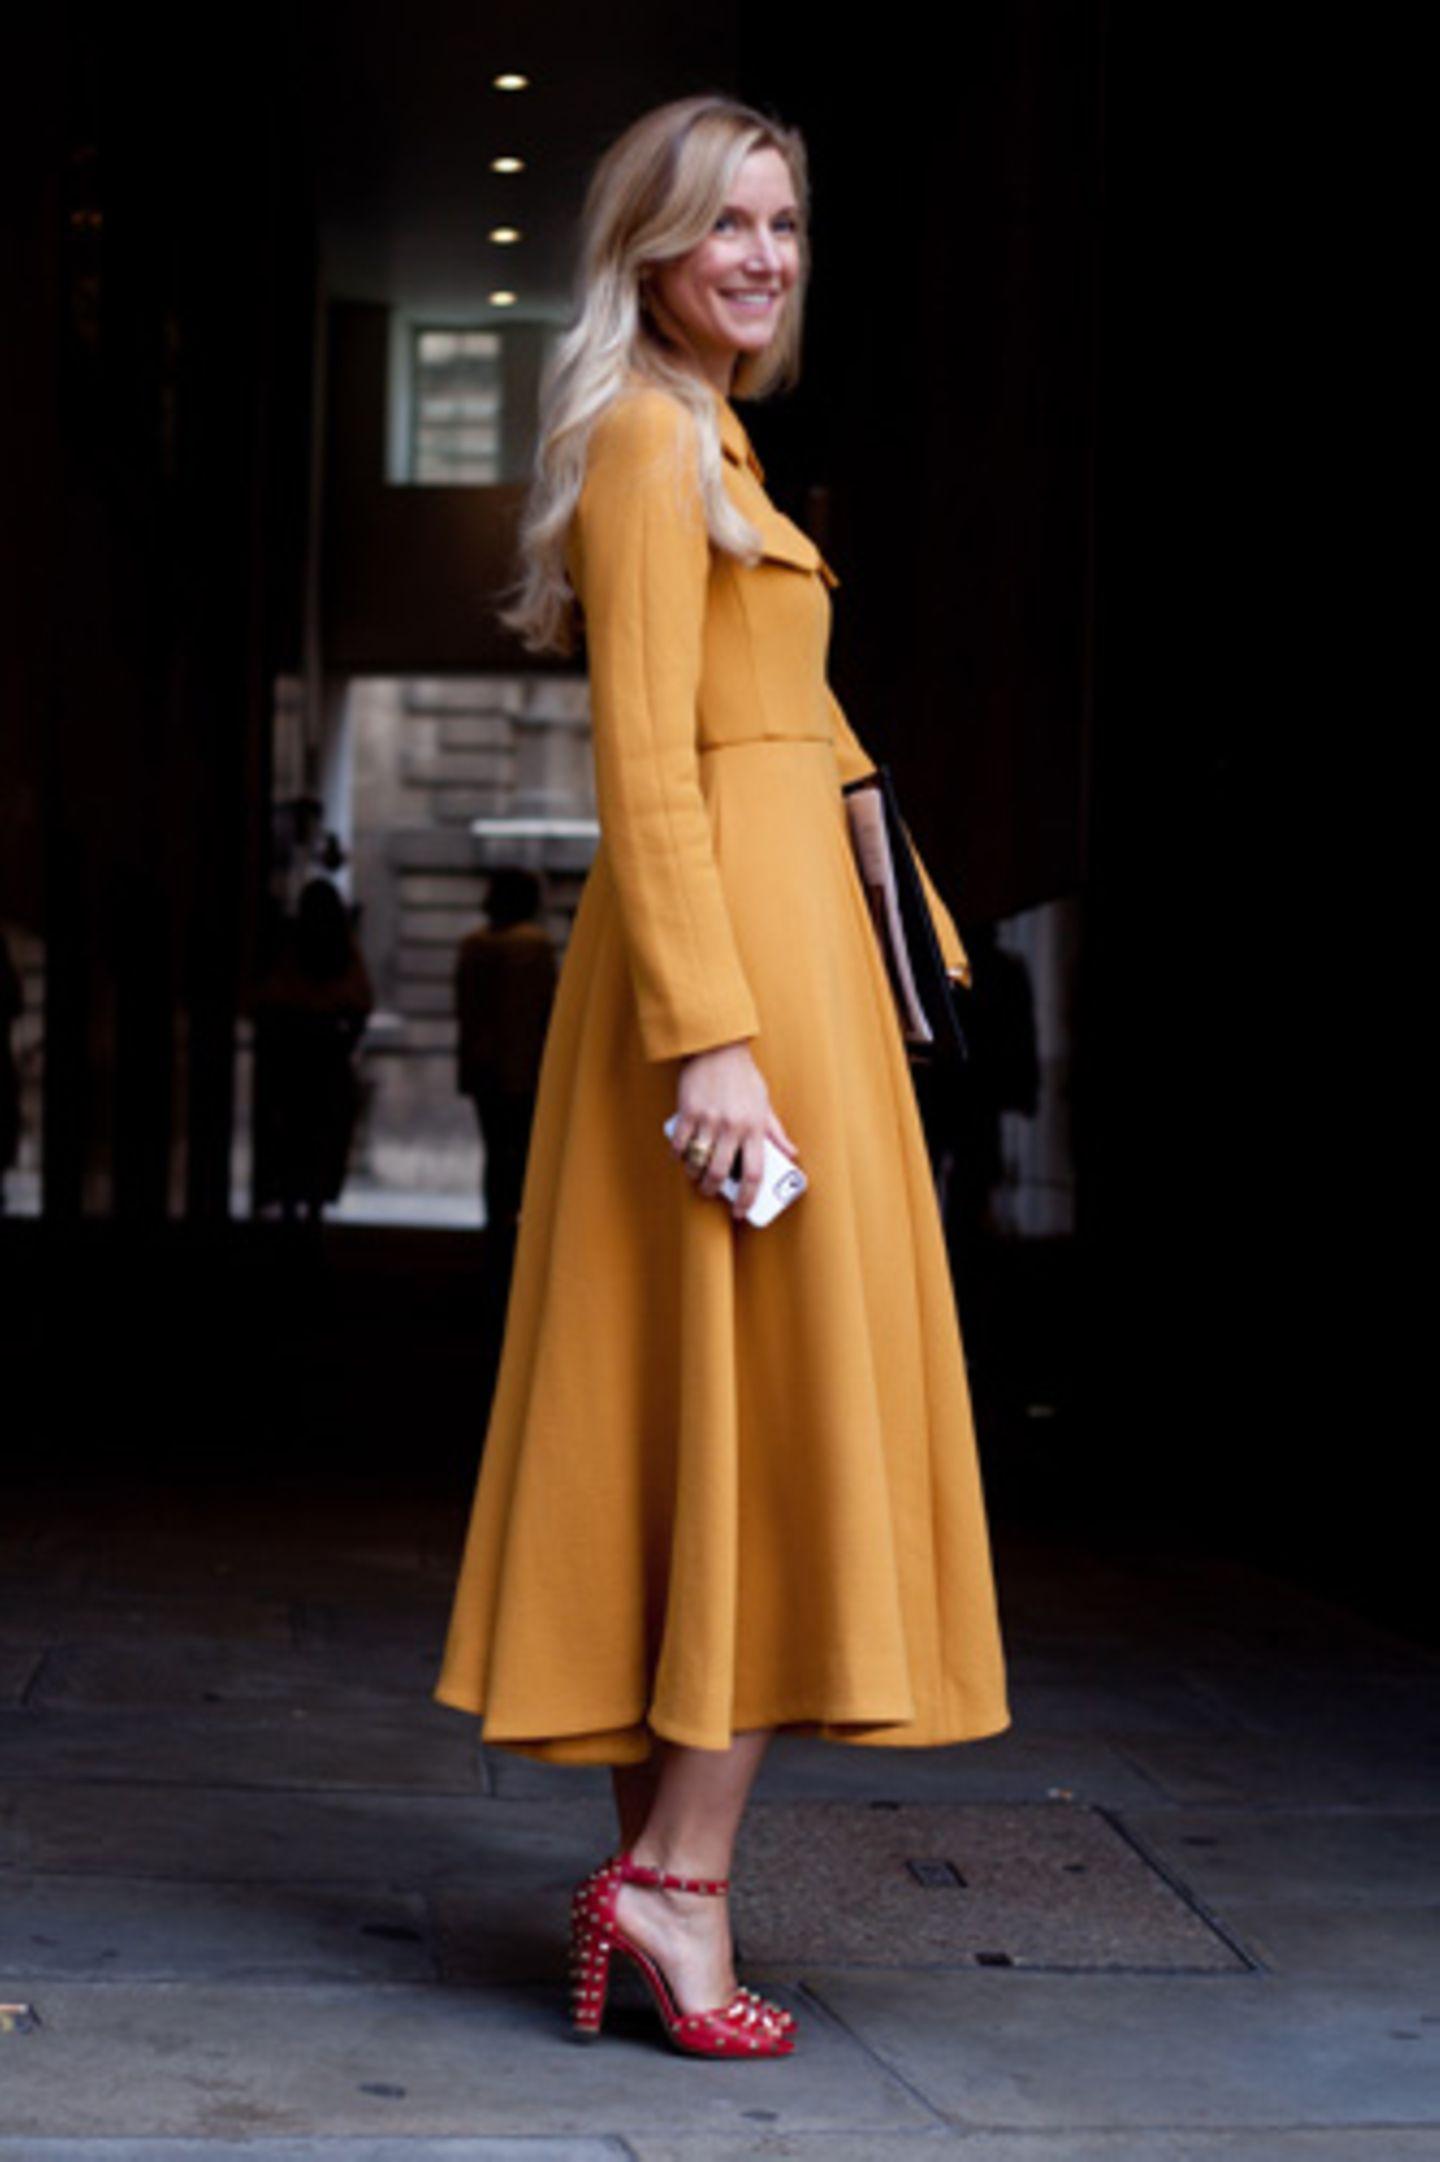 Ist das Senfgelb? Safrangelb? Oder Eigelb? Wir können es nicht ganz genau sagen, wir wissen nur, wir bauchen sofort einen gelben Mantel.